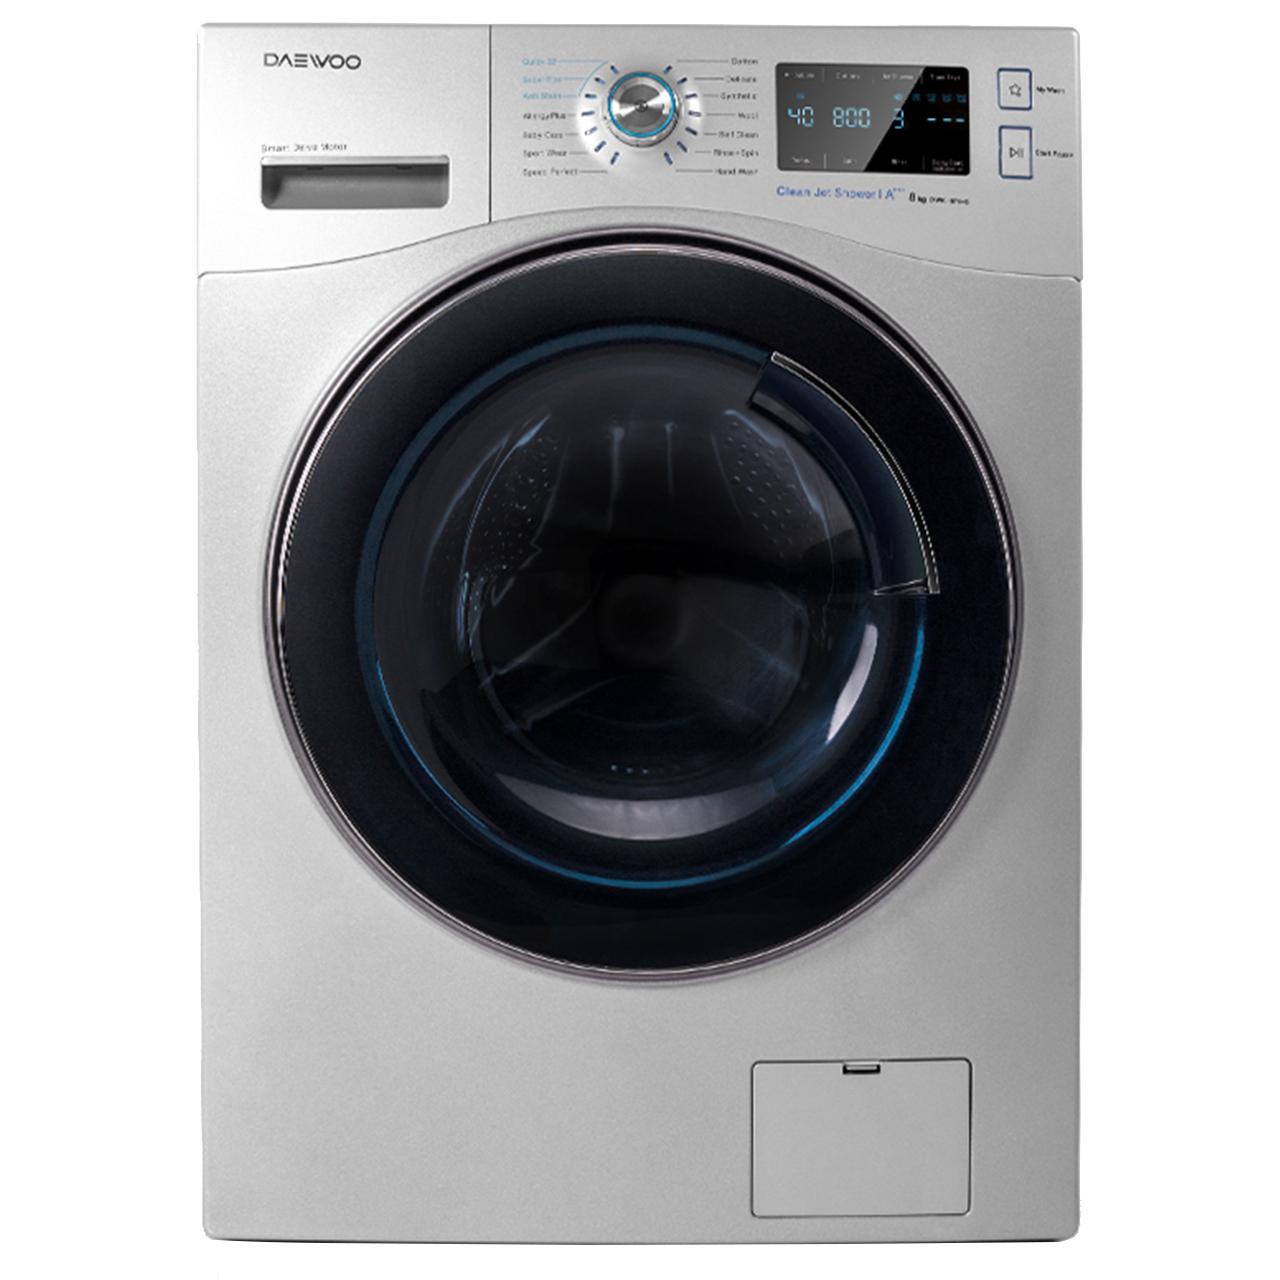 ماشین لباسشویی دوو سری پریمو مدل Dwk-Primo81 ظرفیت 8 کیلوگرم